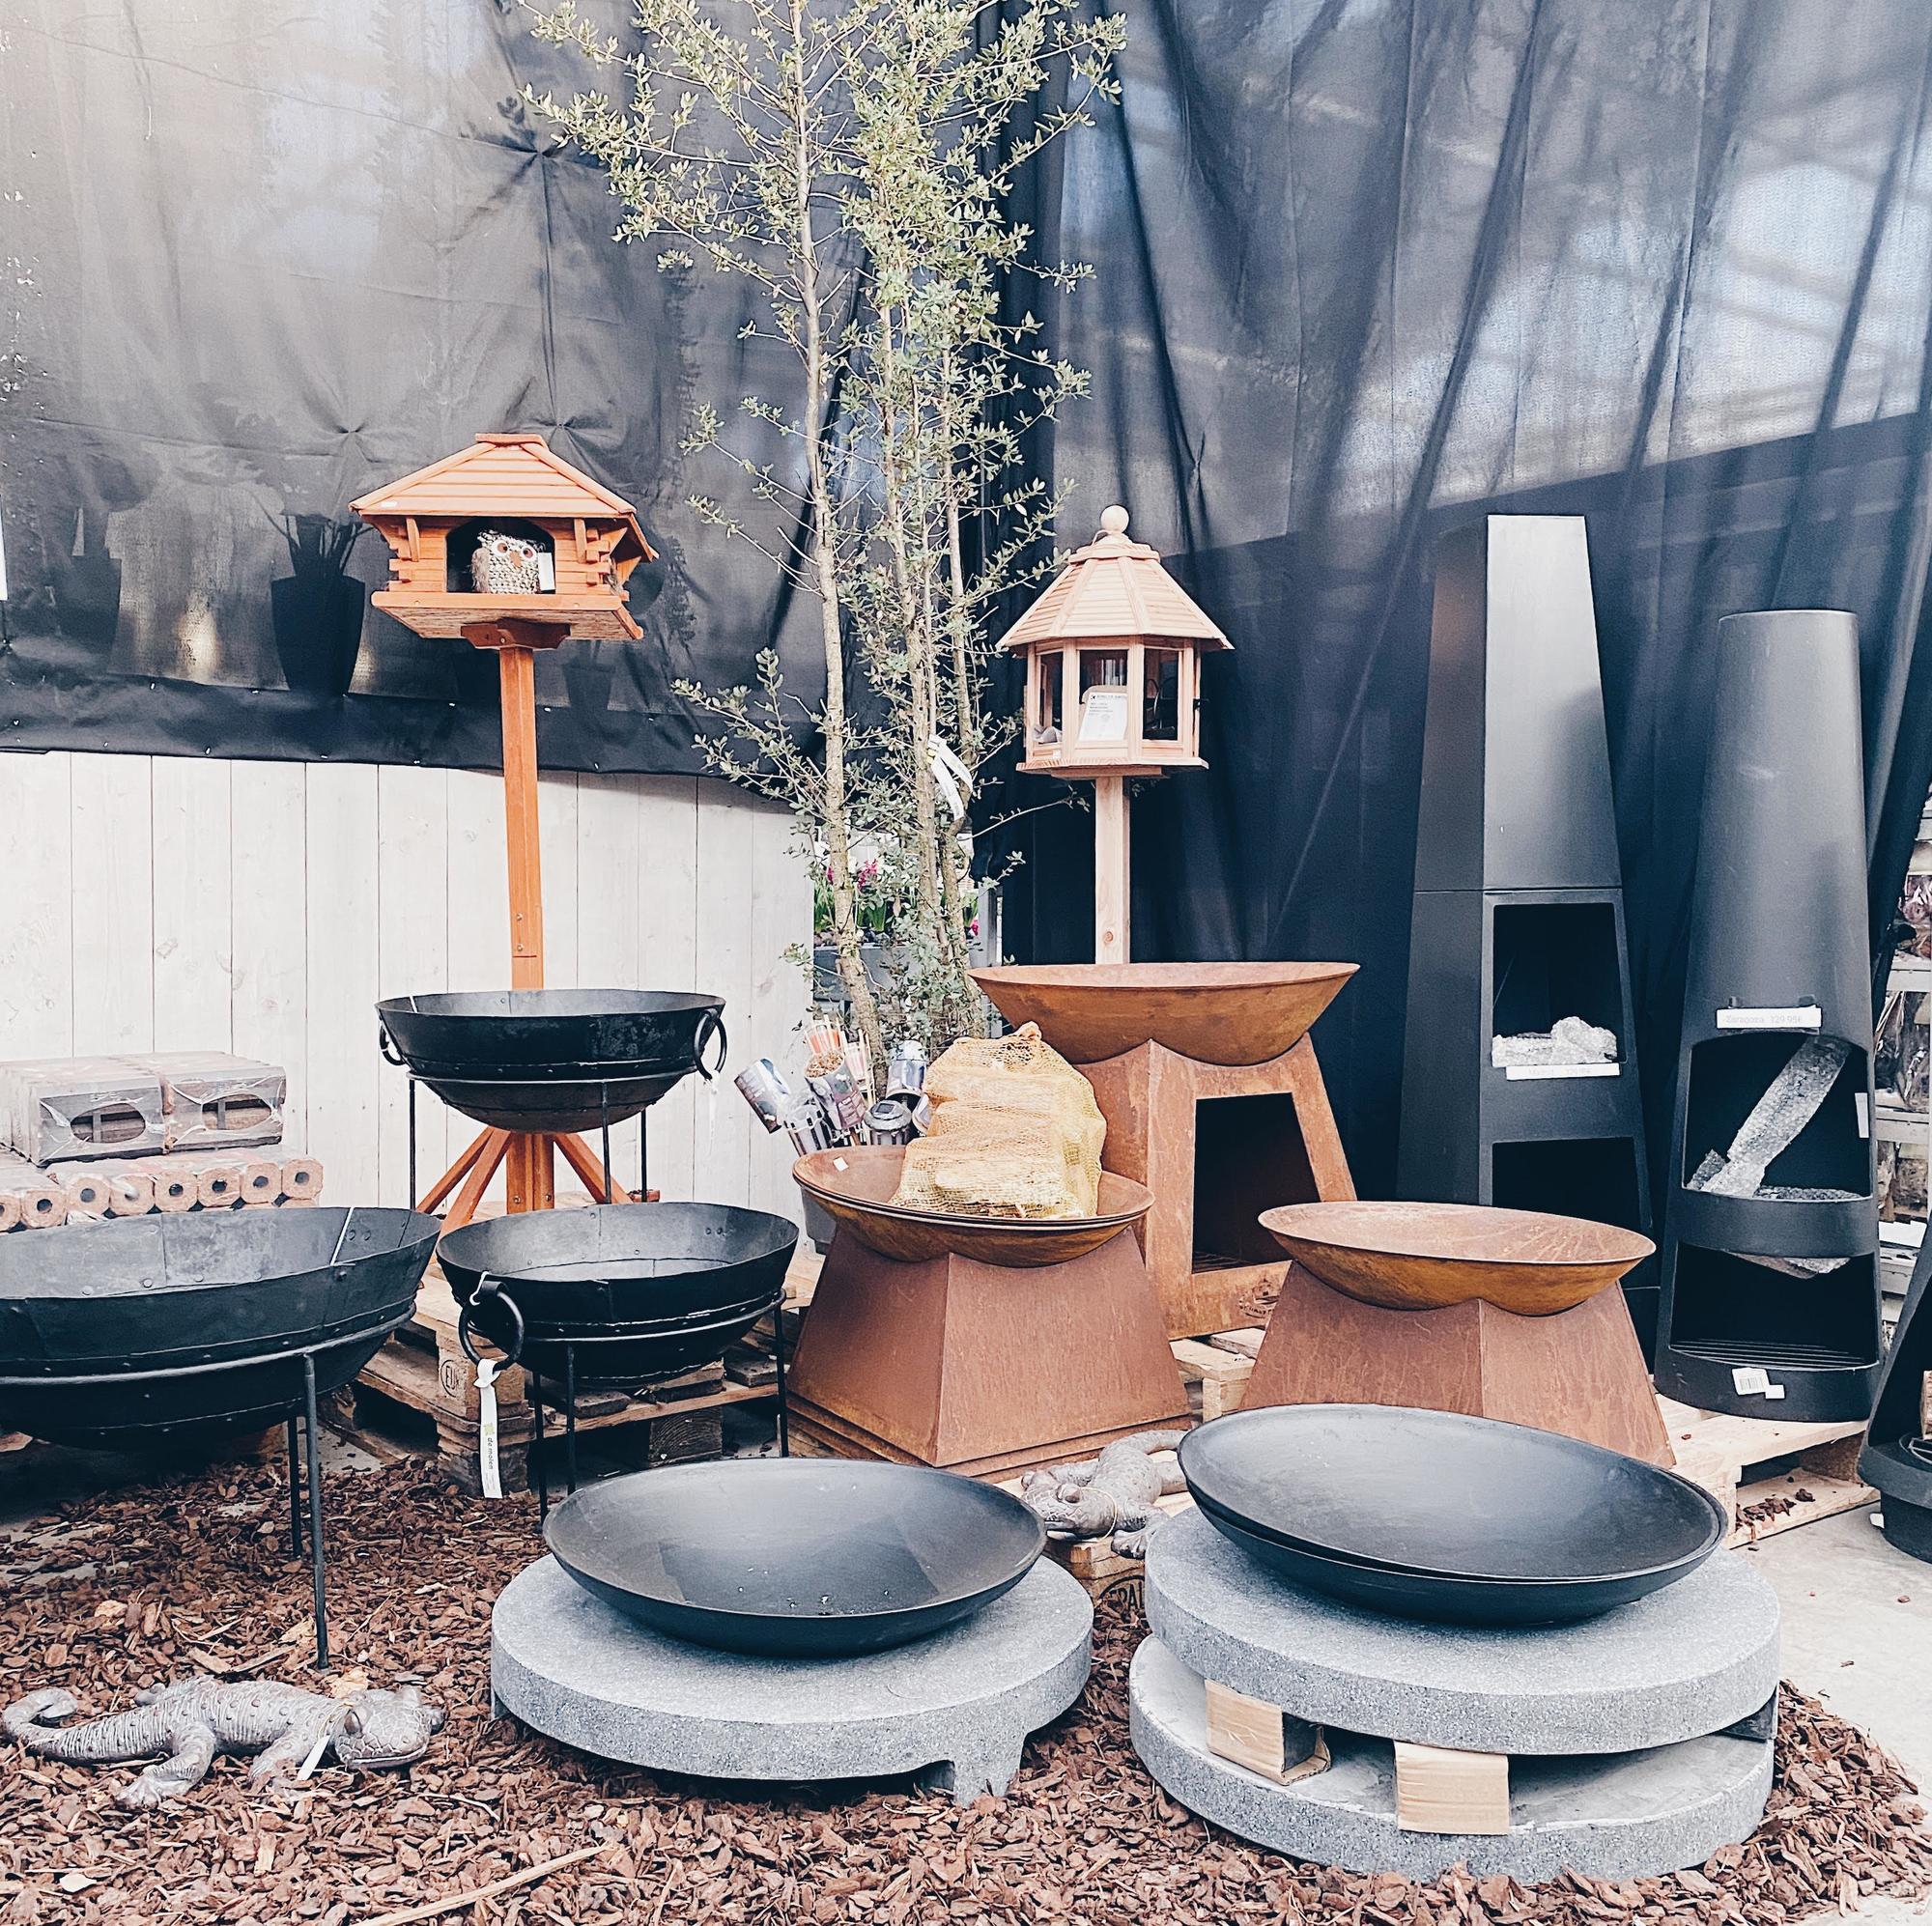 Welp Vuurkorven & vuurschalen kopen voor uw tuin - Tuincentrum De Molen DO-28